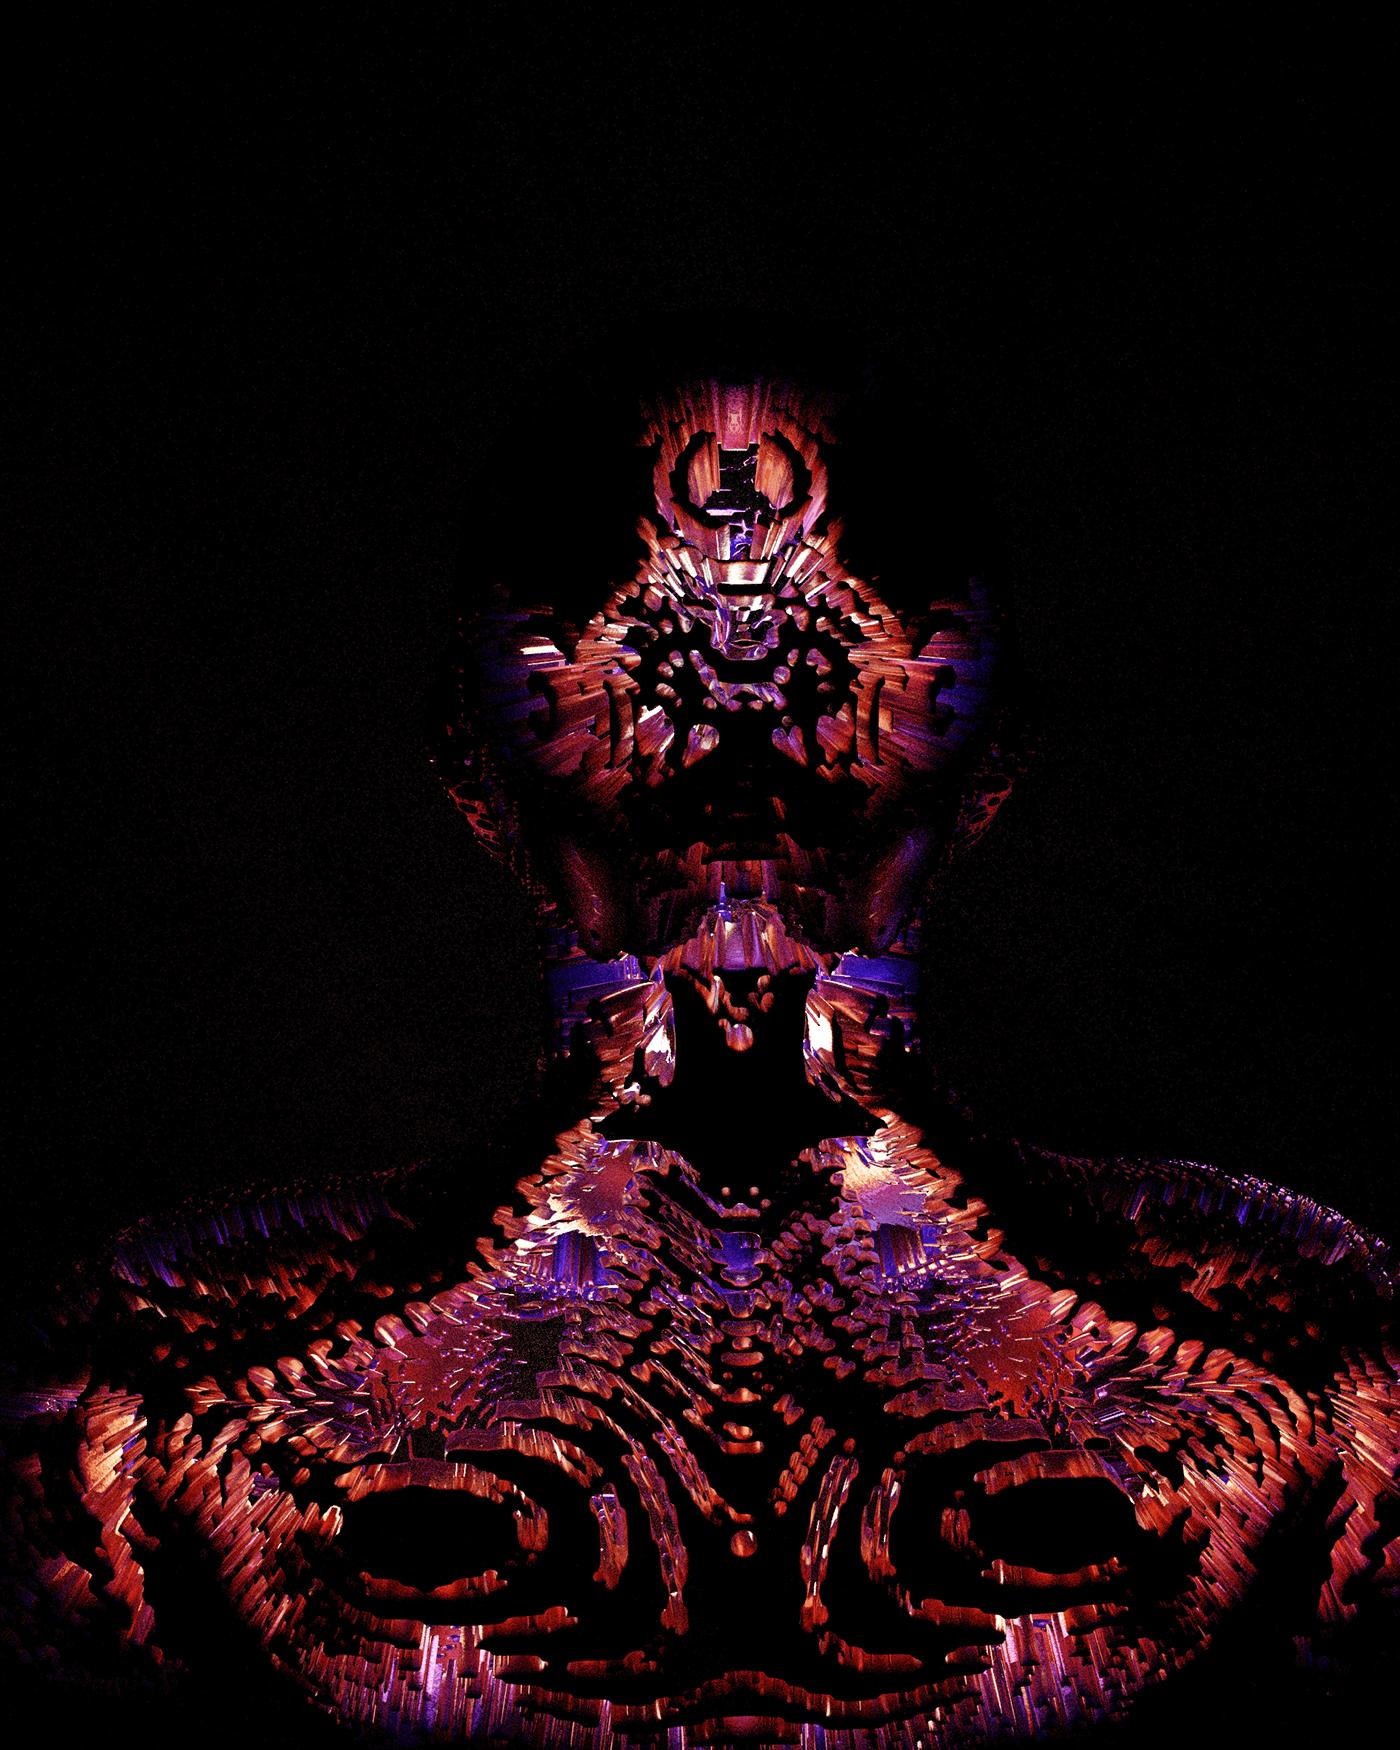 Image may contain: dark